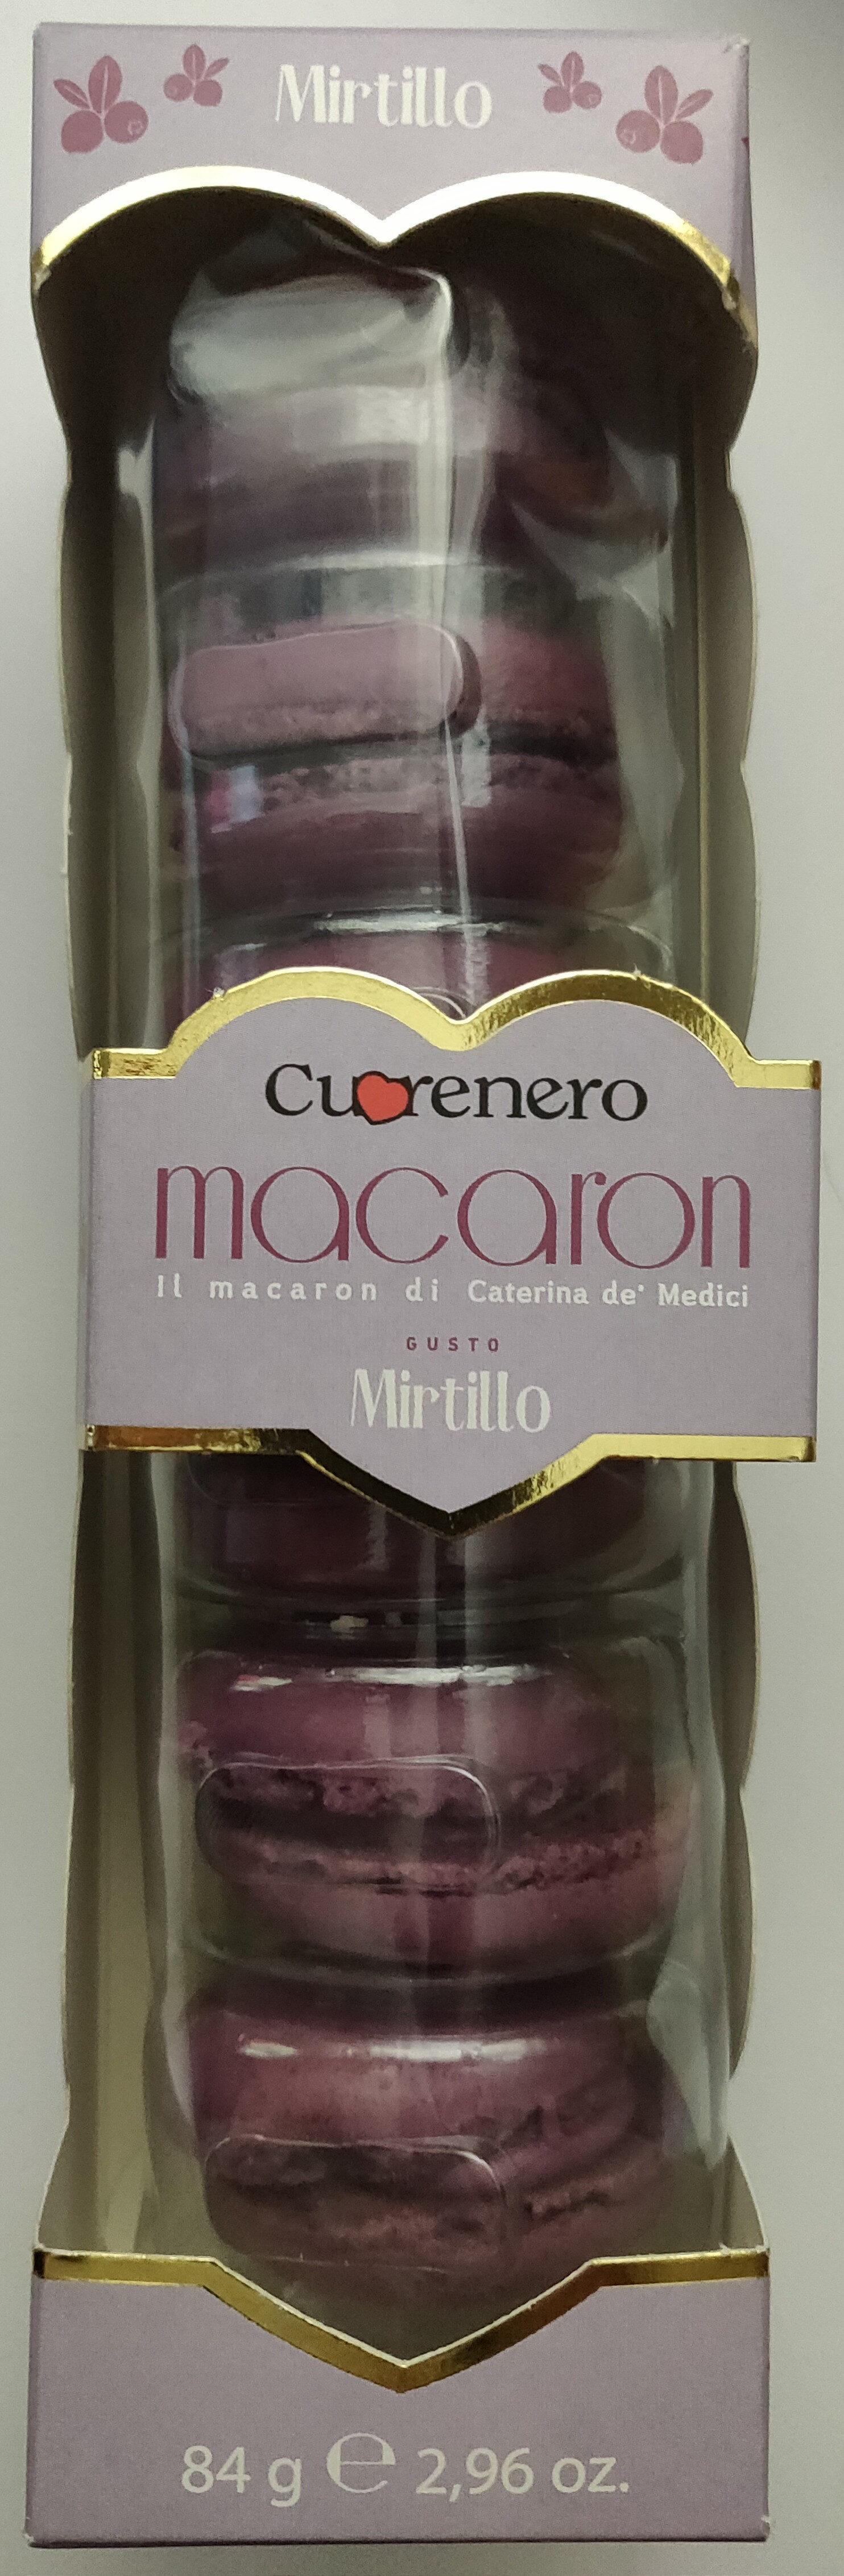 Macaron Blaubeeren-Geschmack - Produit - de